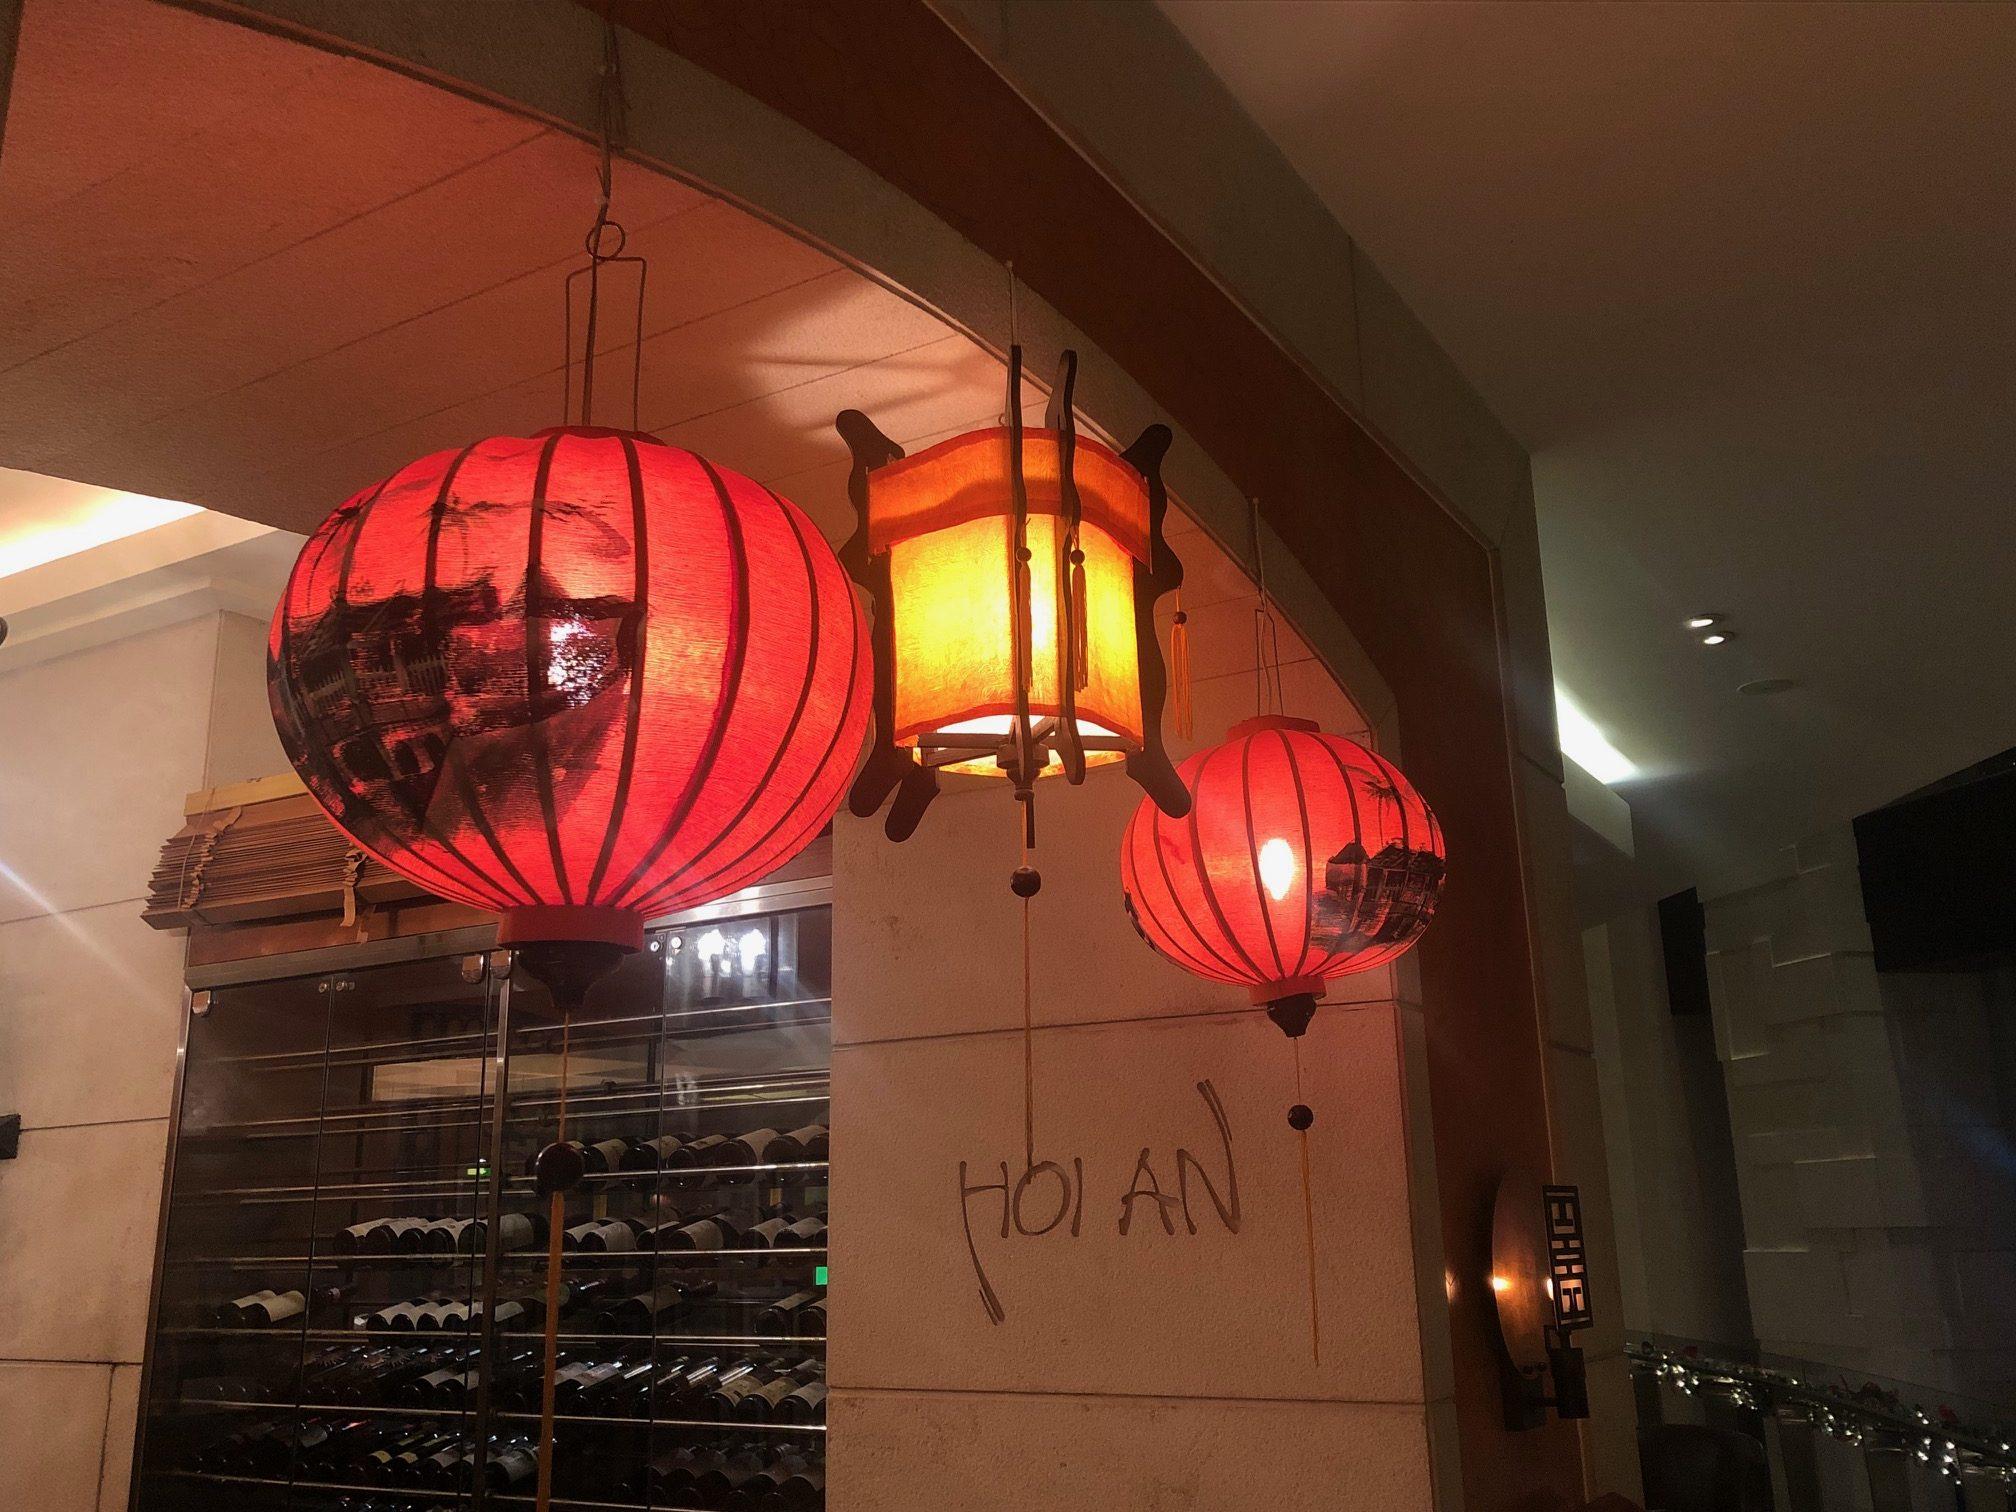 Restaurante Hoi An